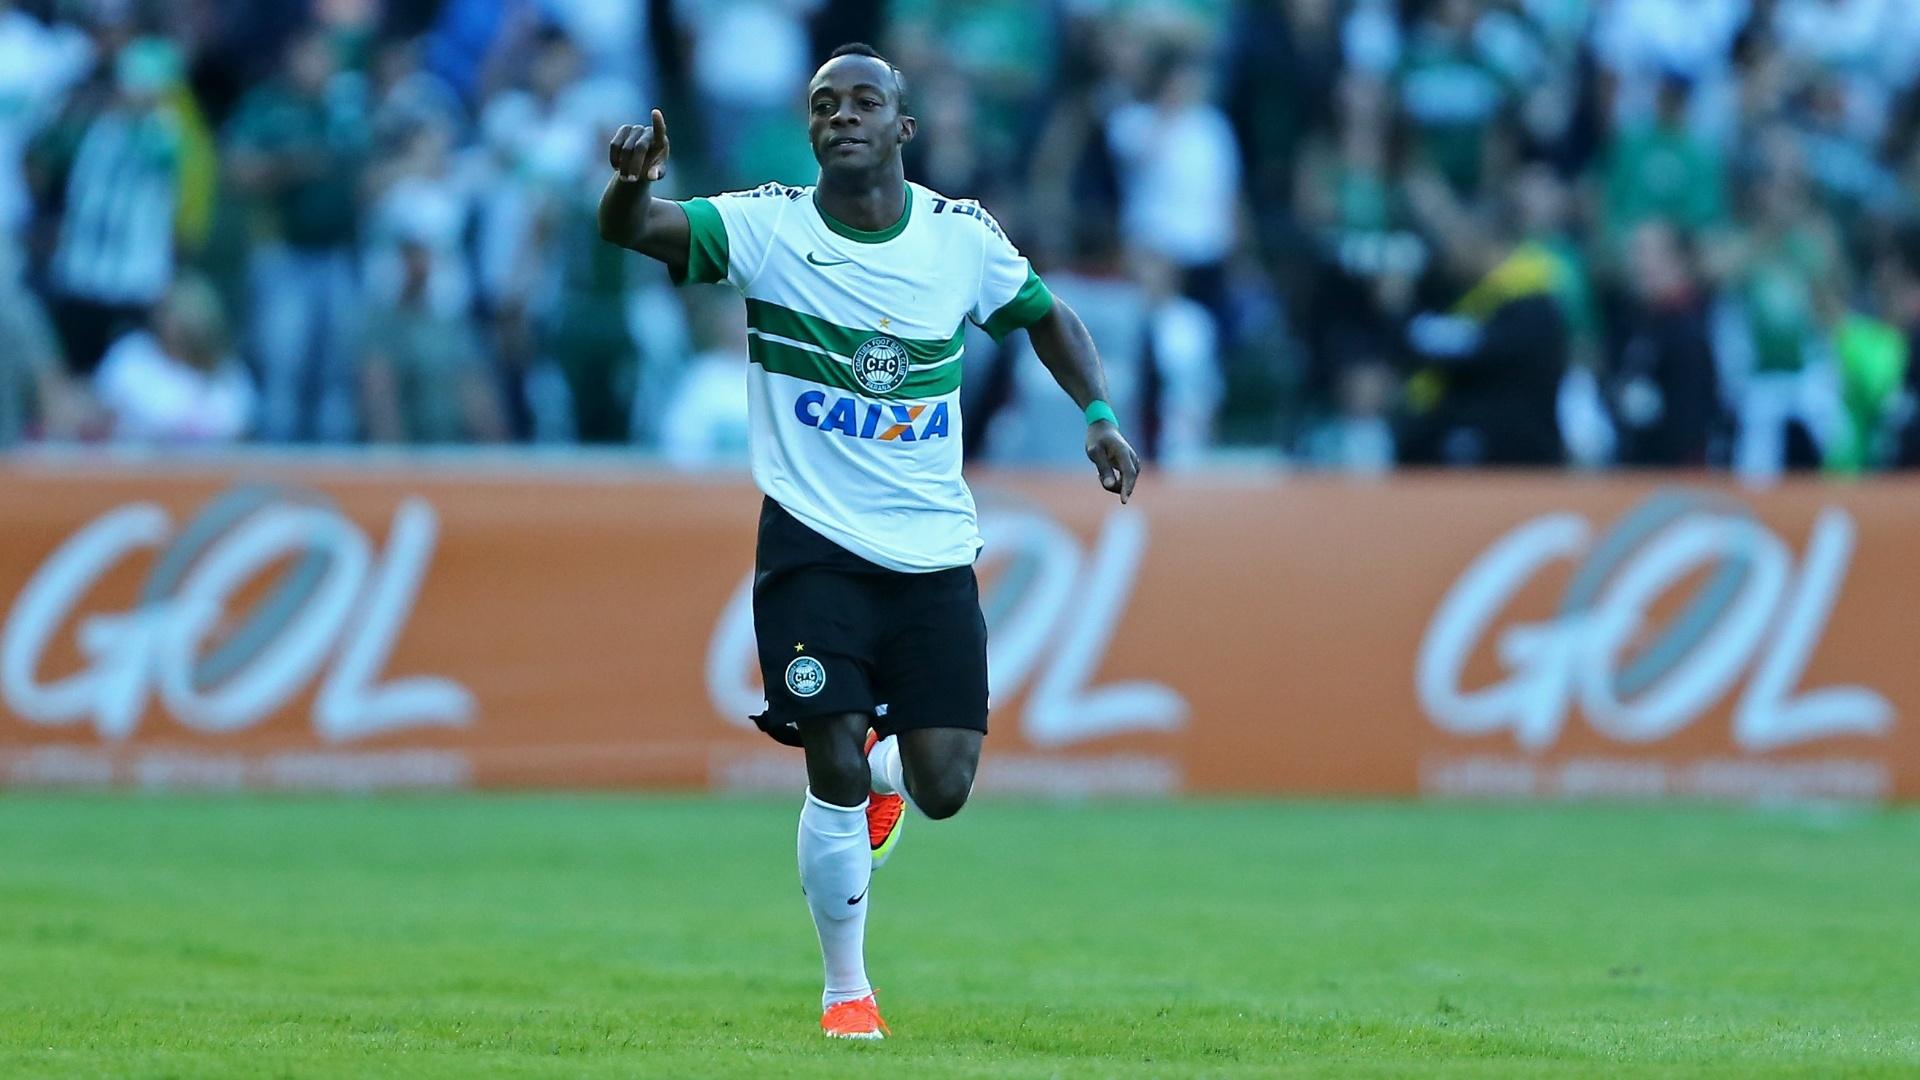 14.jul.2013 - Geraldo, do Coritiba, comemora o gol da equipe no clássico paranaense contra o Atlético-PR